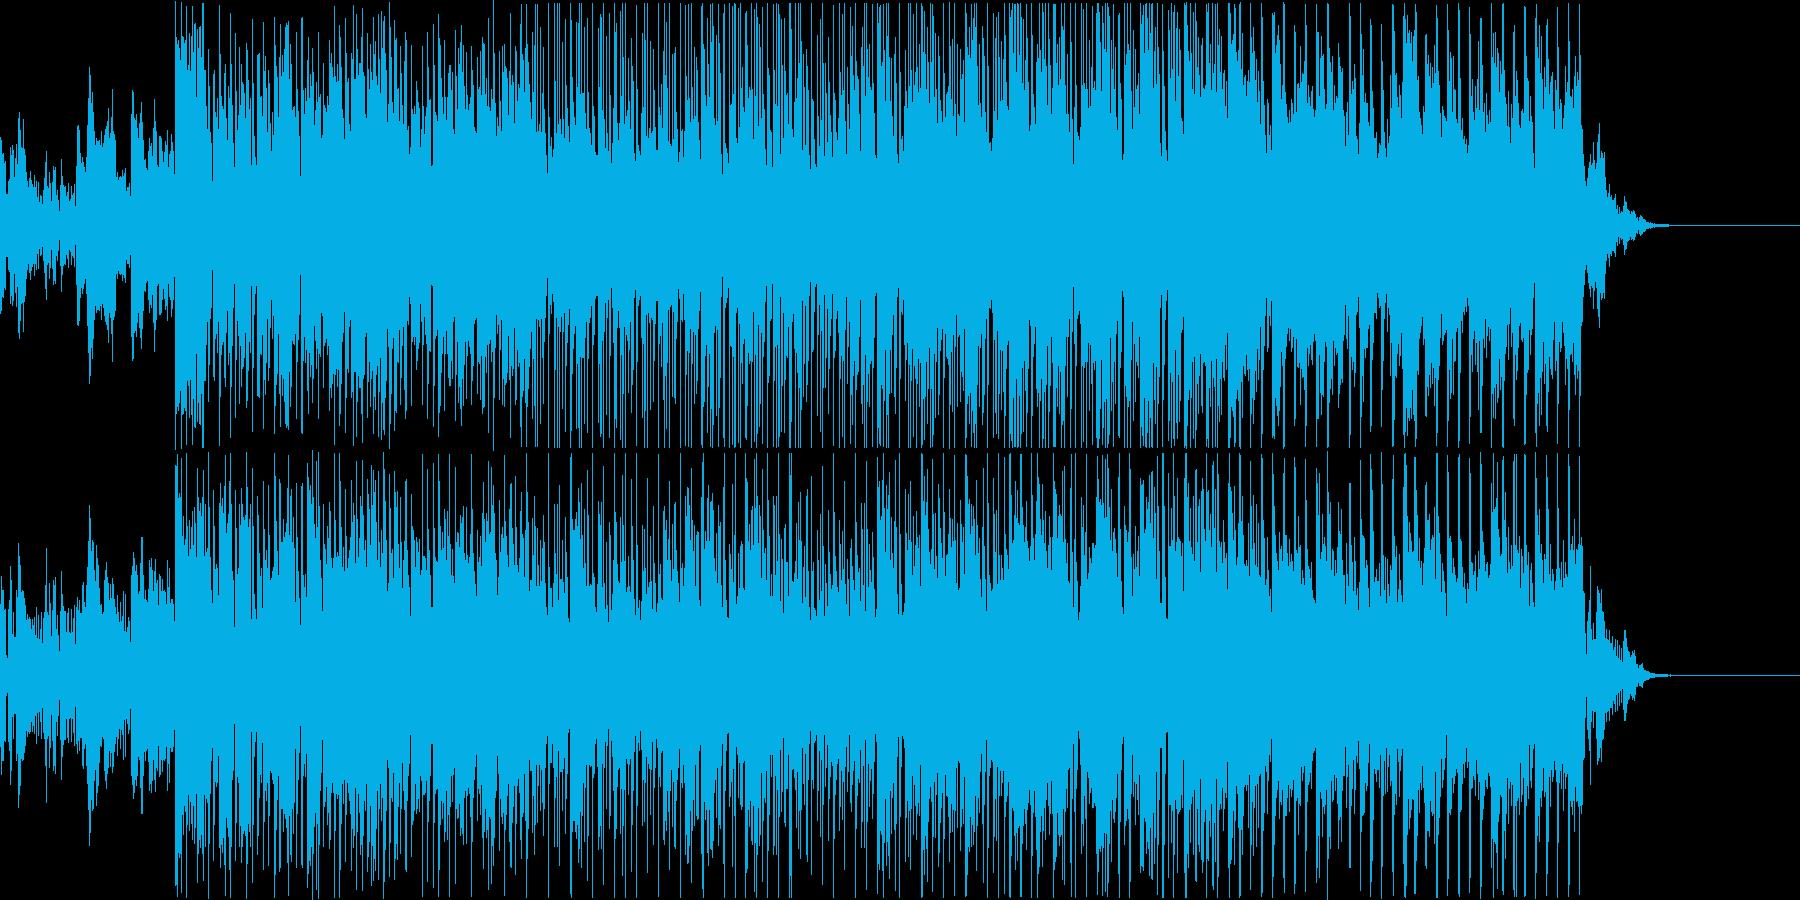 軽快なハウスのリズムに乗ったピアノ曲の再生済みの波形